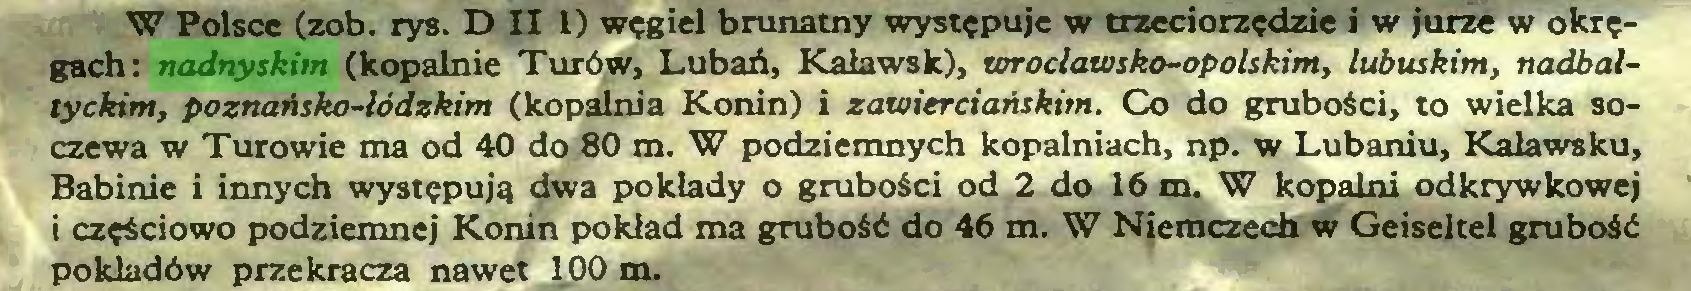 (...) W Polsce (zob. rys. D II 1) węgiel brunatny występuje w trzeciorzędzie i w jurze w okręgach: nadnyskim (kopalnie Turów, Lubań, Kaławsk), wrocławsko-opolskim, lubuskim, nadbałtyckim, poznańsko-łódzkim (kopalnia Konin) i zawierciańskim. Co do grubości, to wielka soczewa w Turowie ma od 40 do 80 m. W podziemnych kopalniach, np. w Lubaniu, Kalawsku, Babinie i innych występują dwa pokłady o grubości od 2 do 16 m. W kopalni odkrywkowej i częściowo podziemnej Konin pokład ma grubość do 46 m. W Niemczech w Geiseltel grubość pokładów przekracza nawet 100 m...